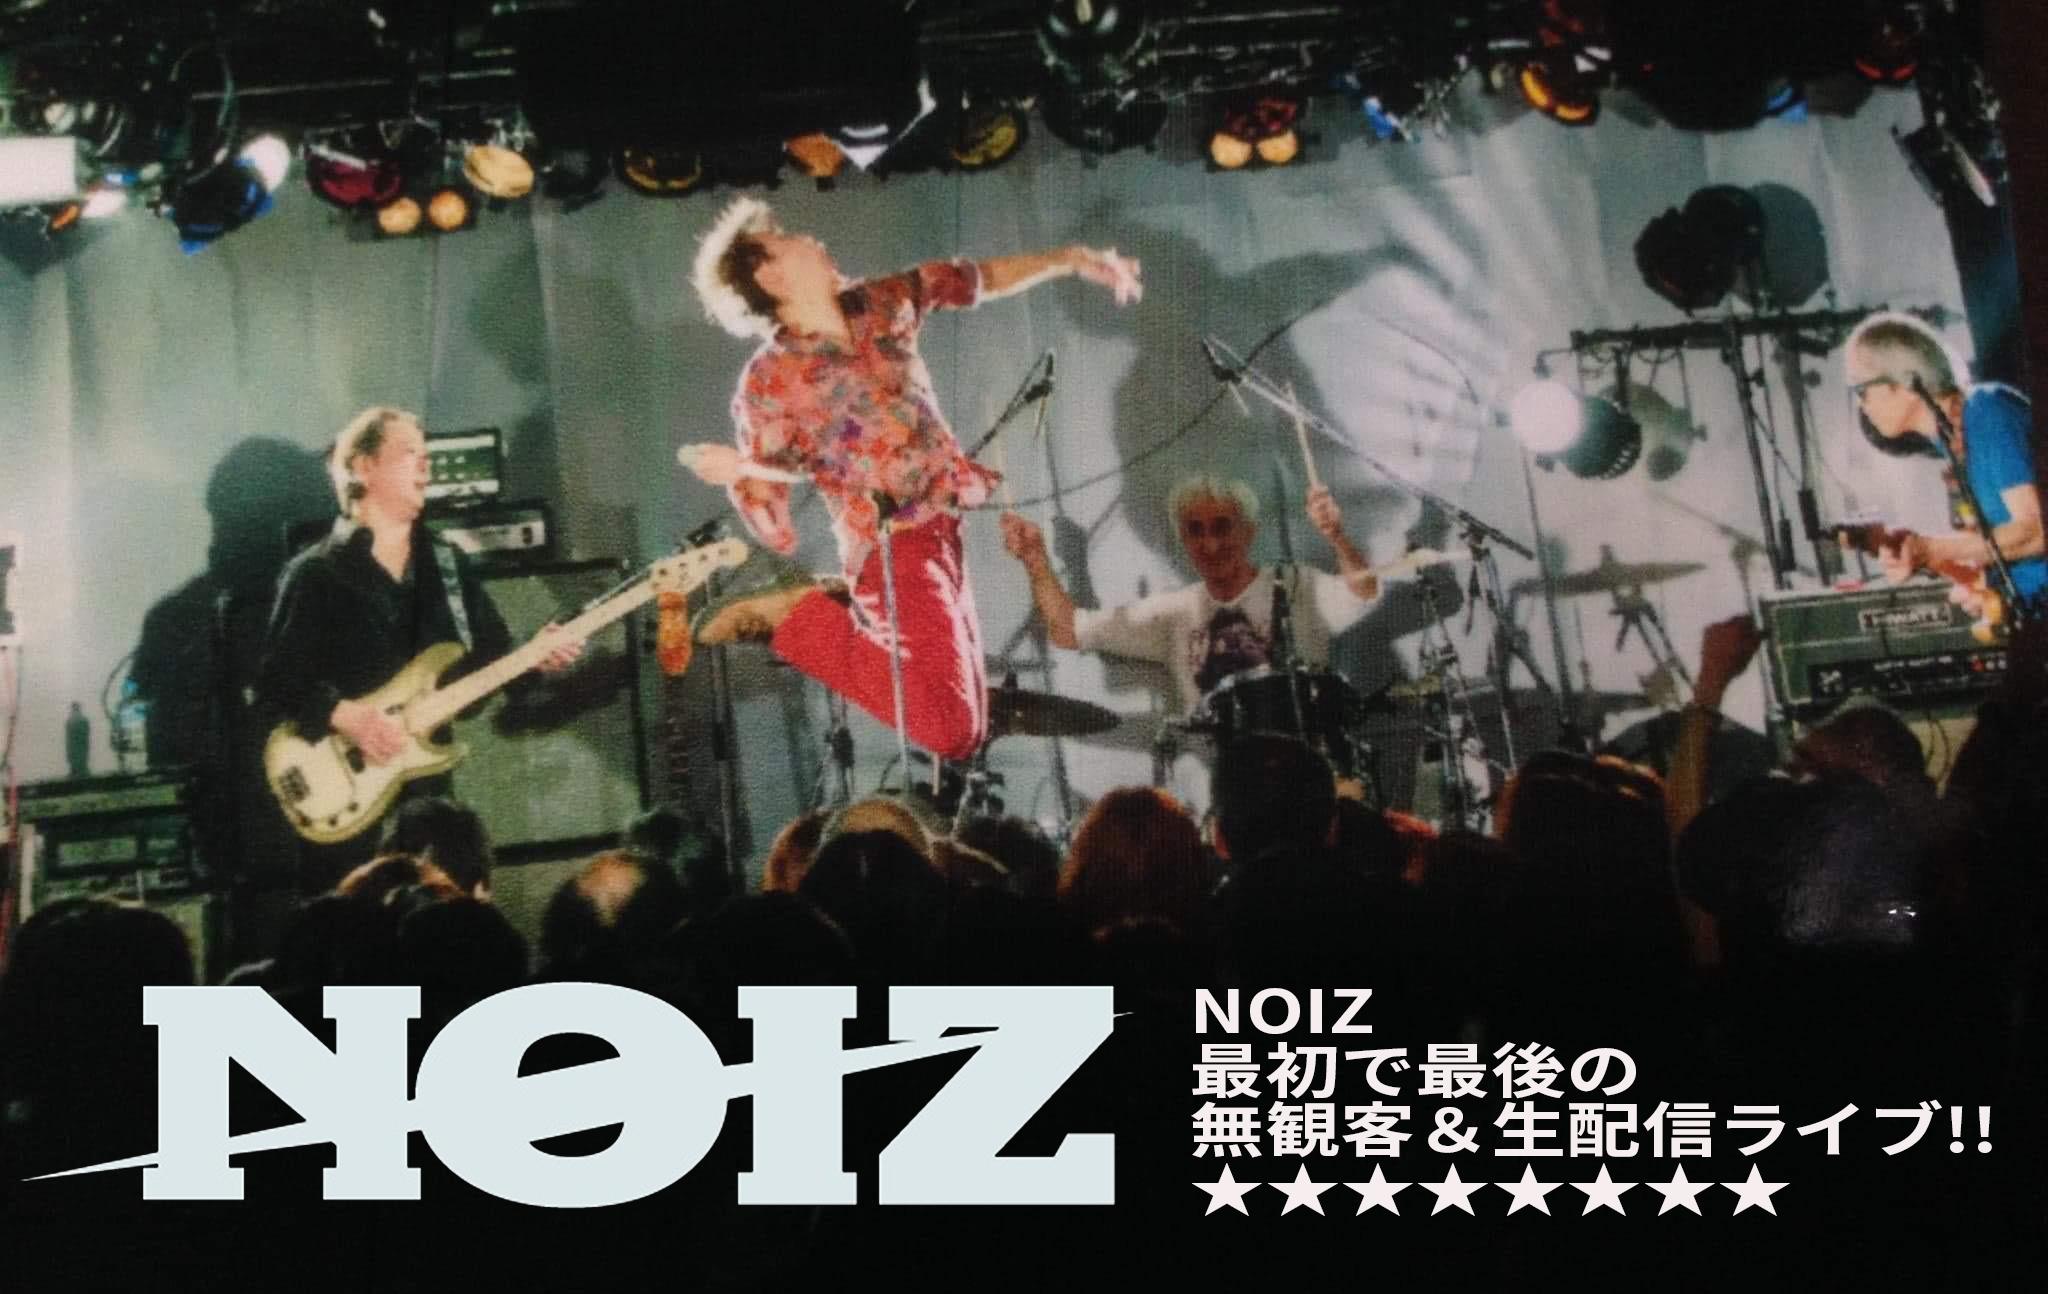 最初で最後の無観客&生配信ライブ!! NOIZ Live at GARDEN 2020